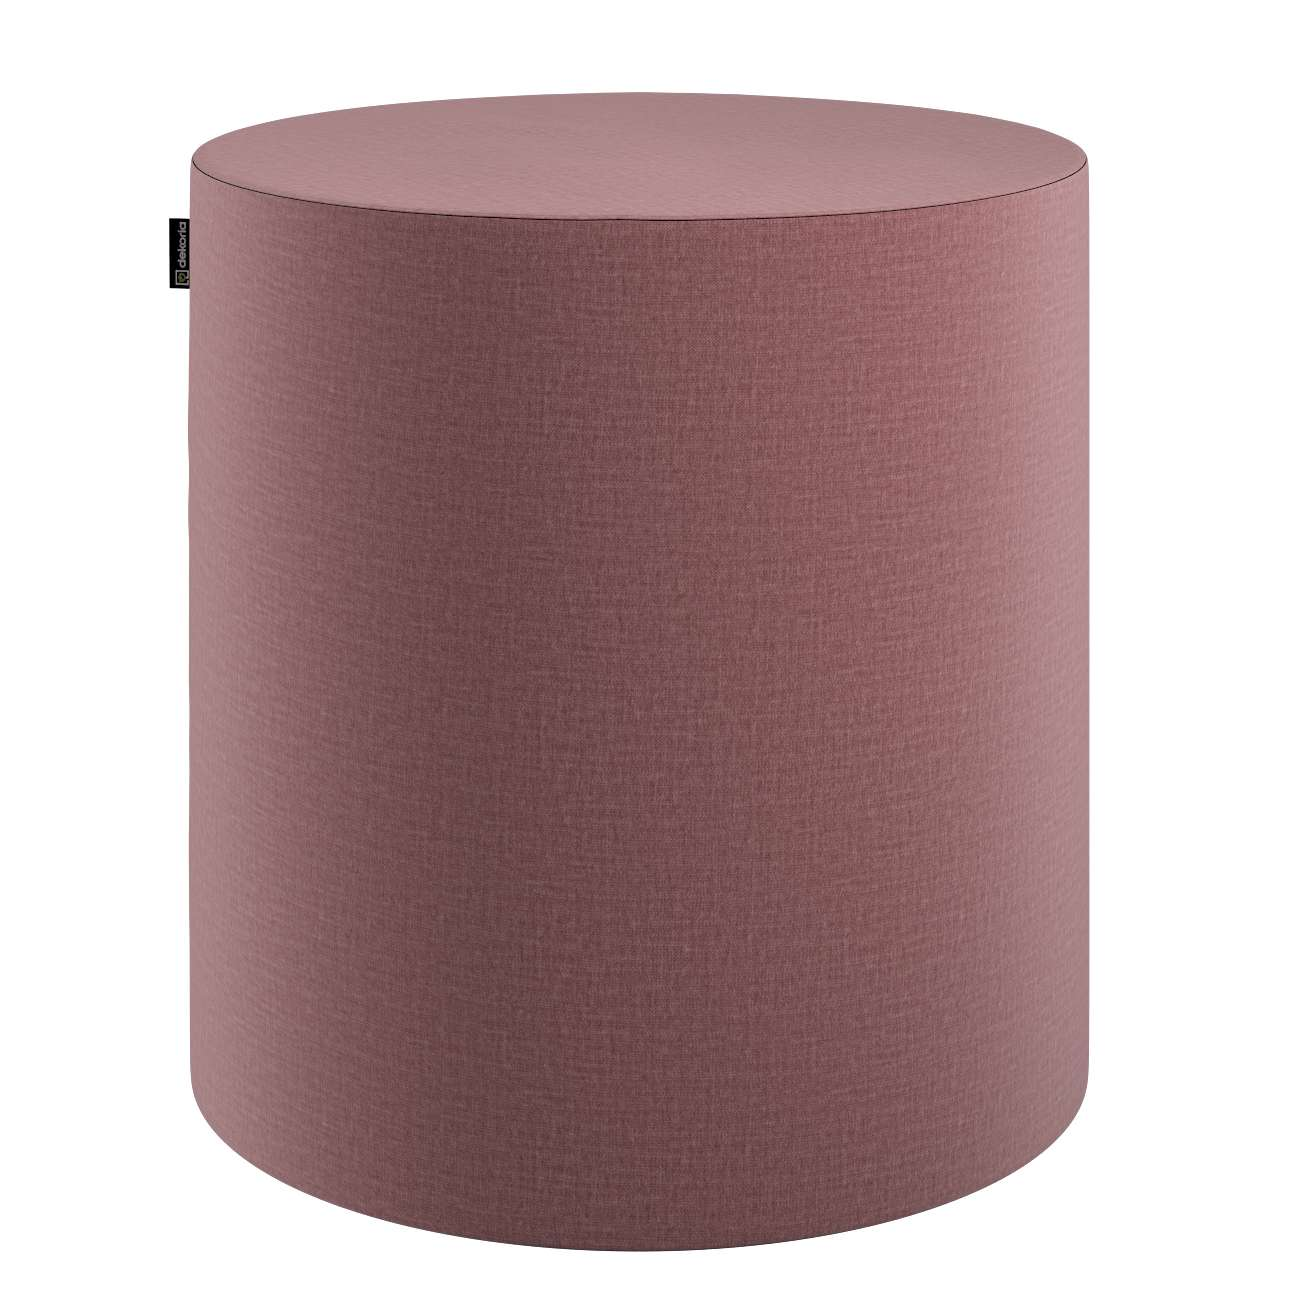 Pouf Barrel von der Kollektion Ingrid, Stoff: 705-38